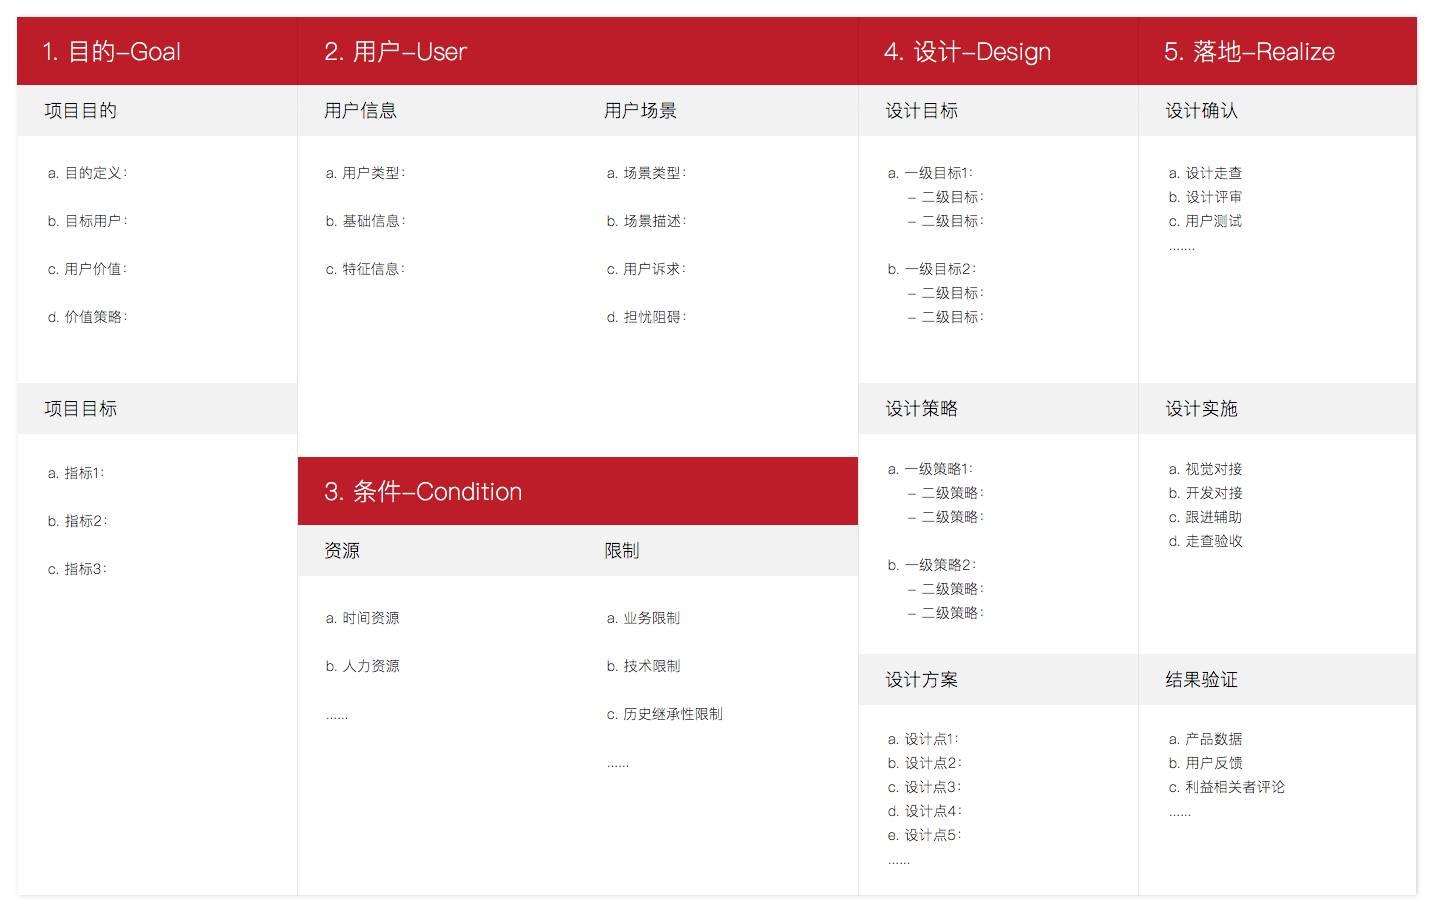 交互设计方法:GUCDR模型体系化的交互设计工具插图(1)